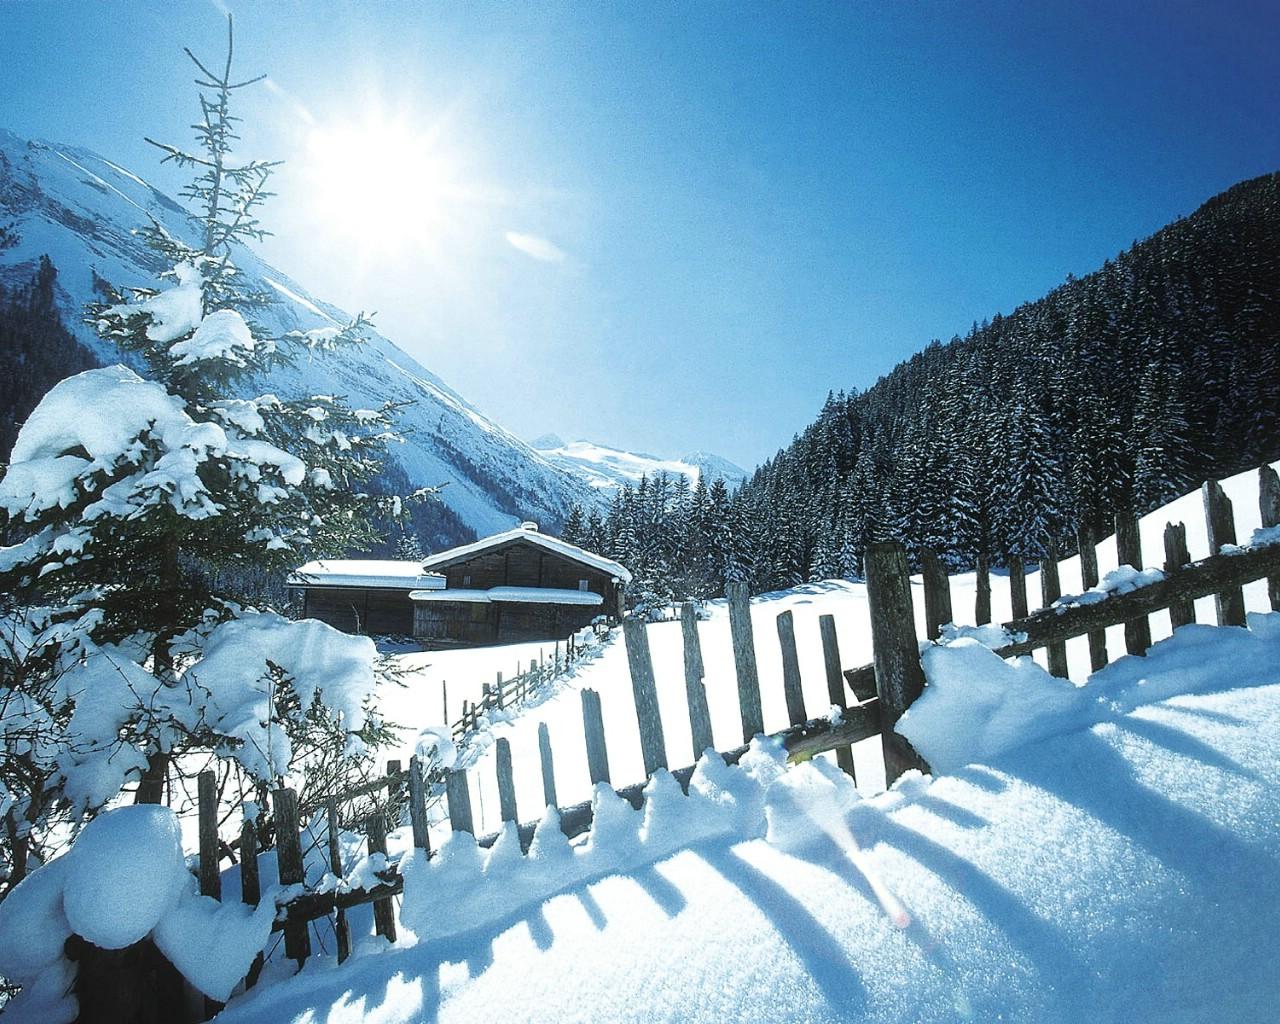 壁纸1280×1024滑雪圣地 阿尔卑斯山度假壁纸 雪山小屋图片壁纸壁纸 滑雪圣地阿尔卑斯山度假壁纸壁纸图片人文壁纸人文图片素材桌面壁纸